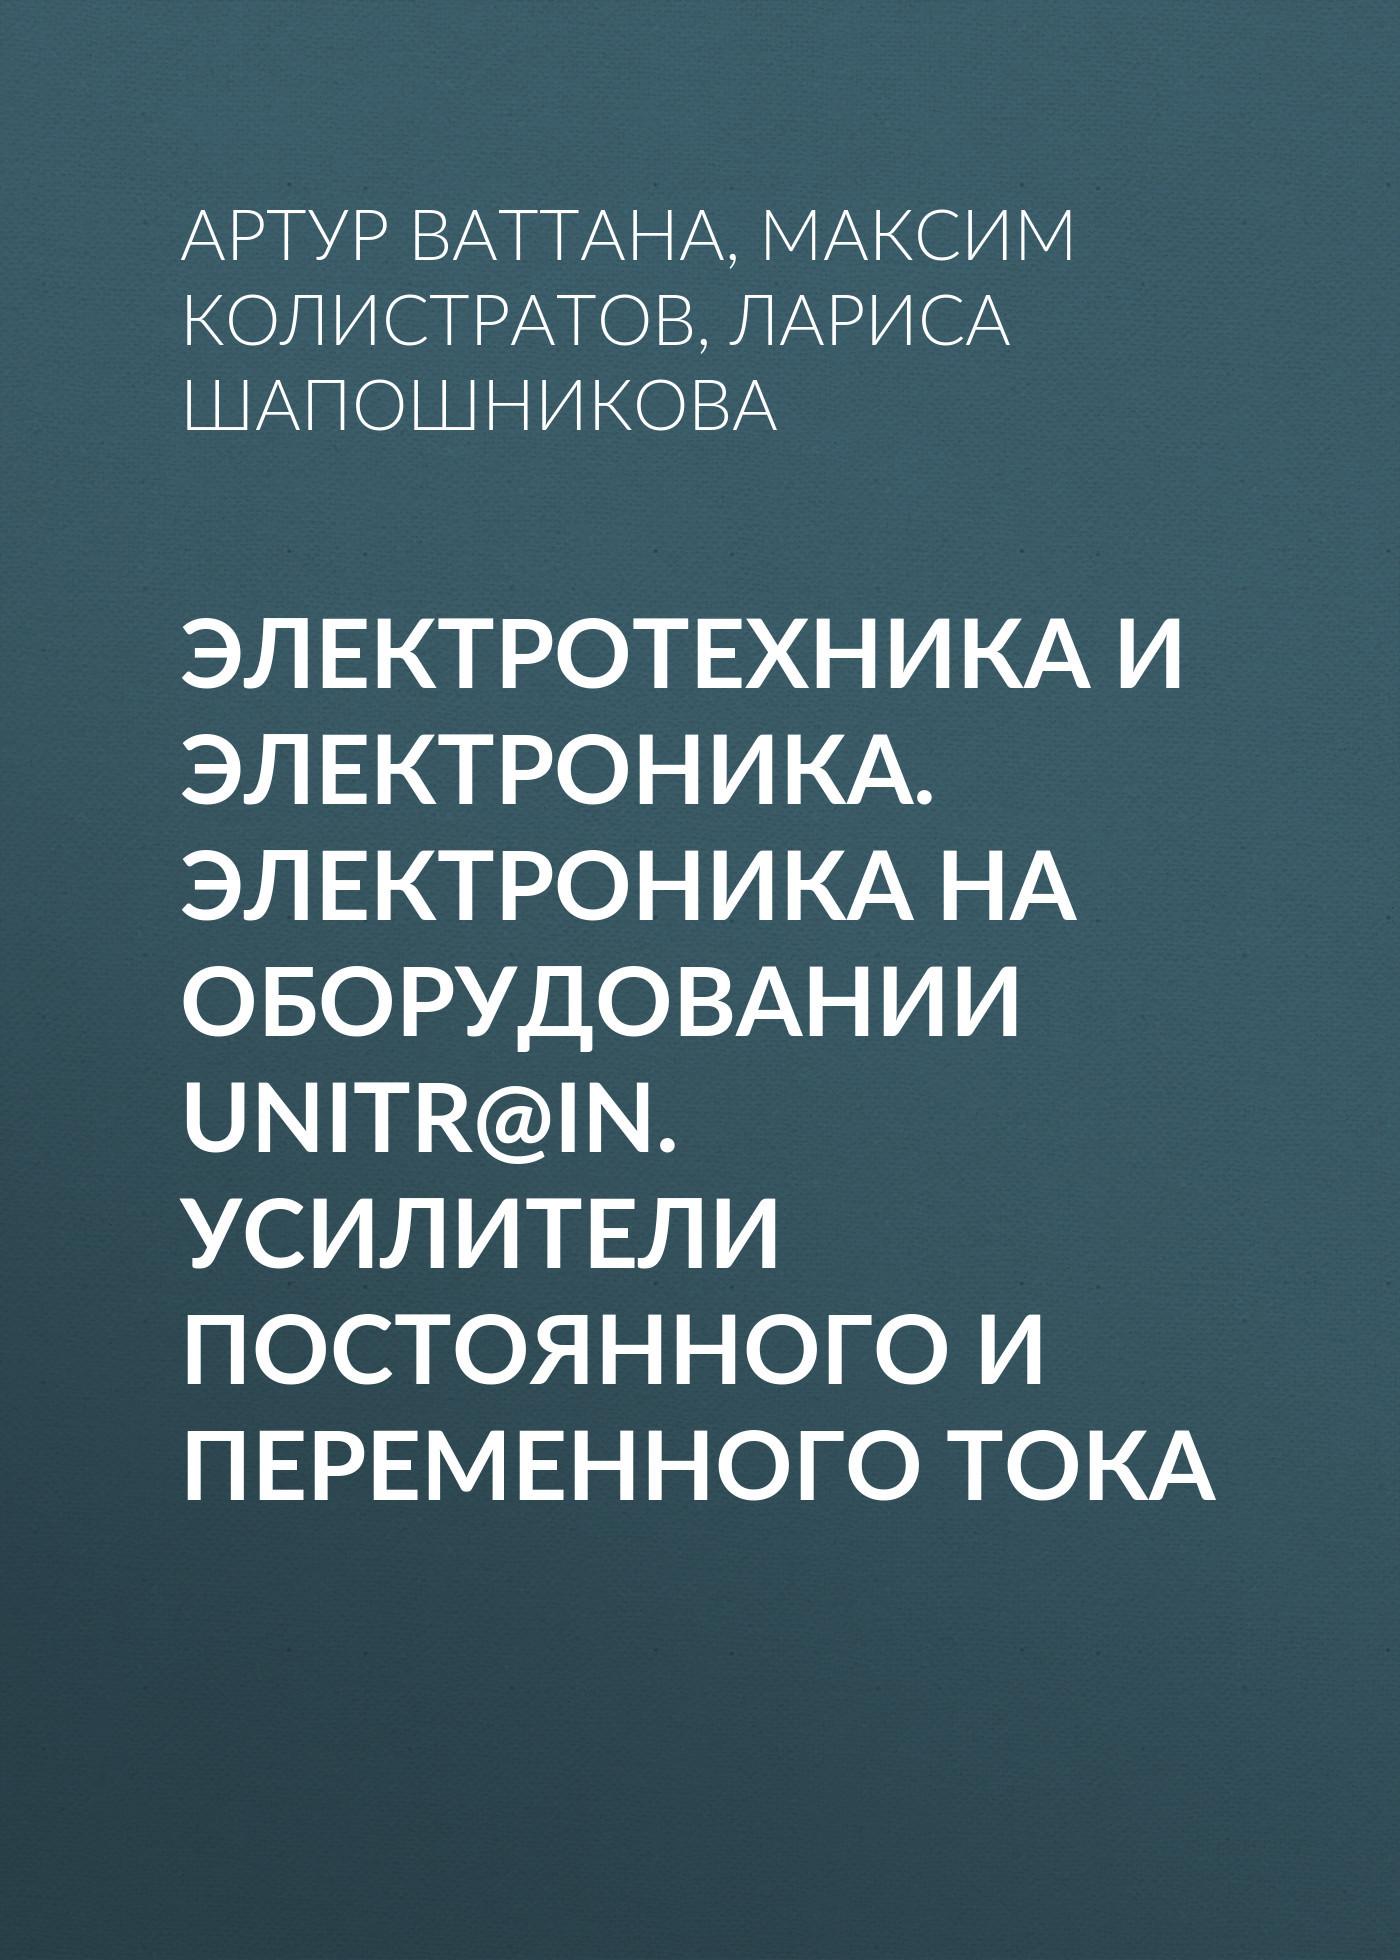 Лариса Шапошникова Электротехника и электроника. Электроника на оборудовании UniTr@in. Усилители постоянного и переменного тока